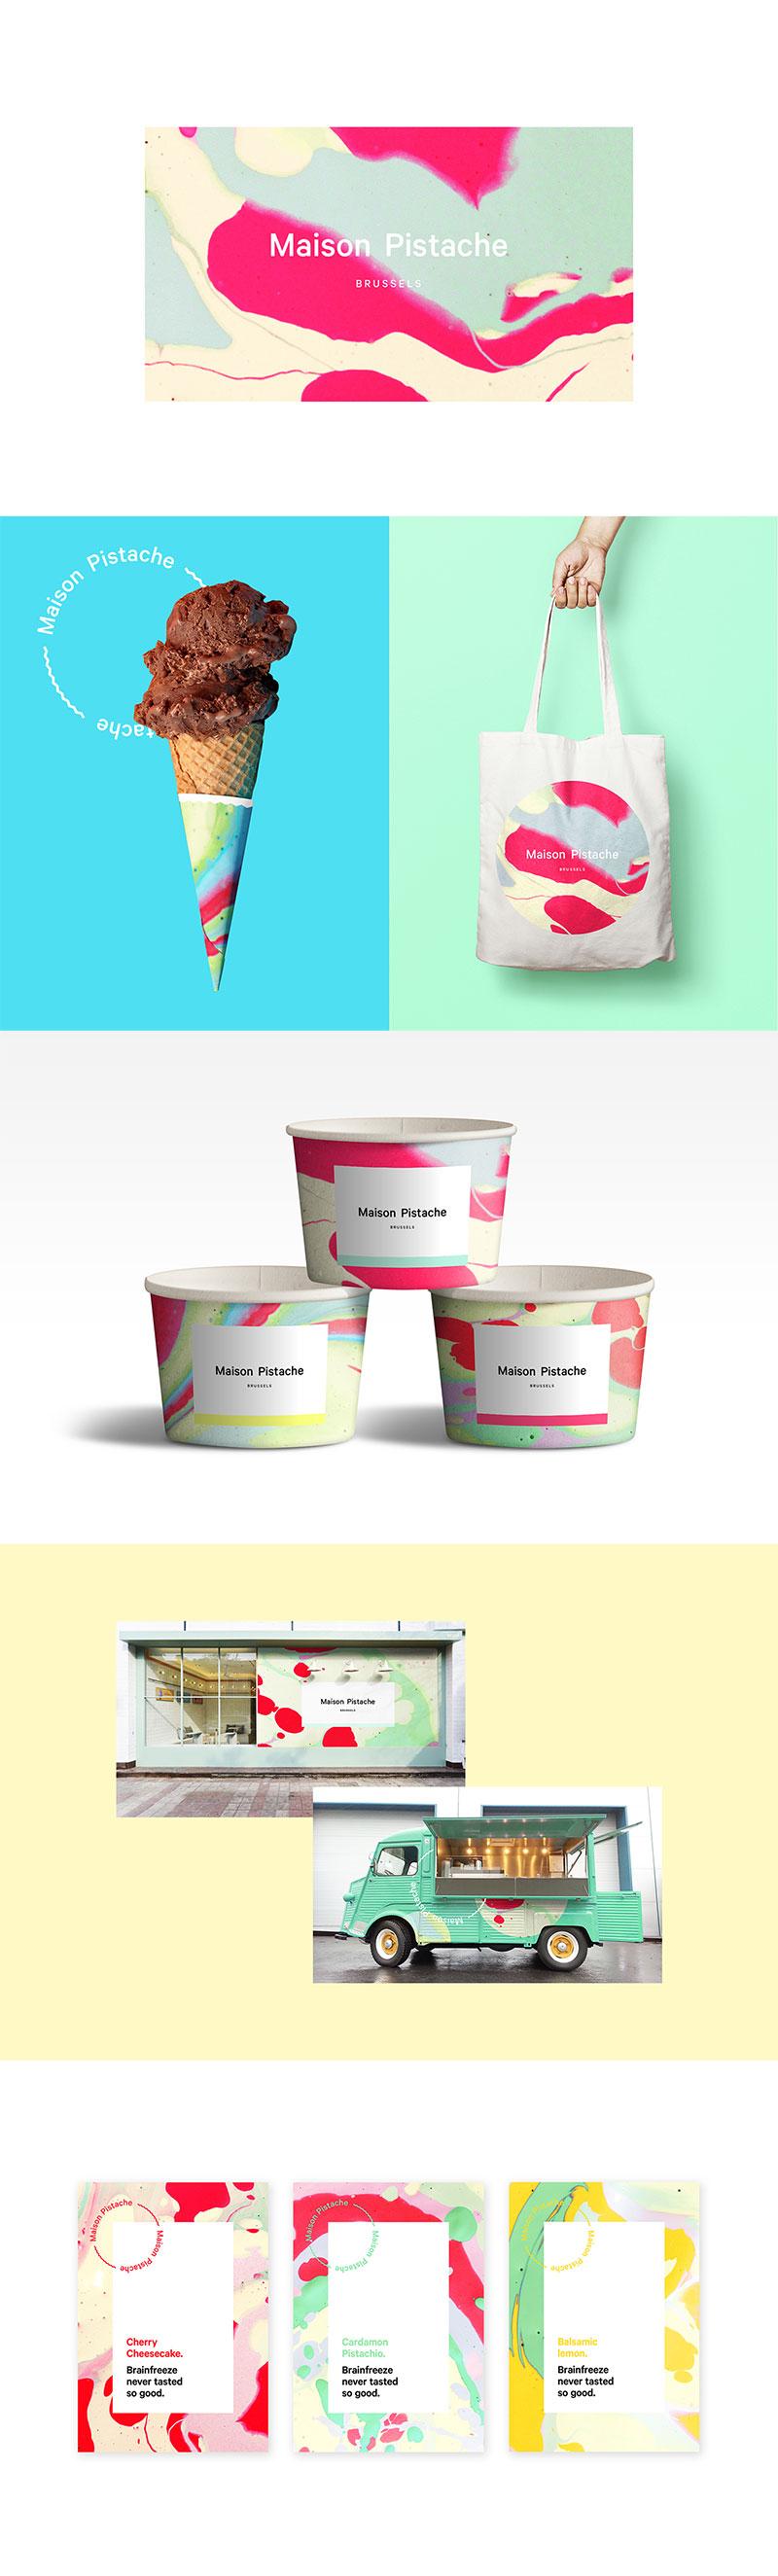 Envasado de helado - Maison Pistache